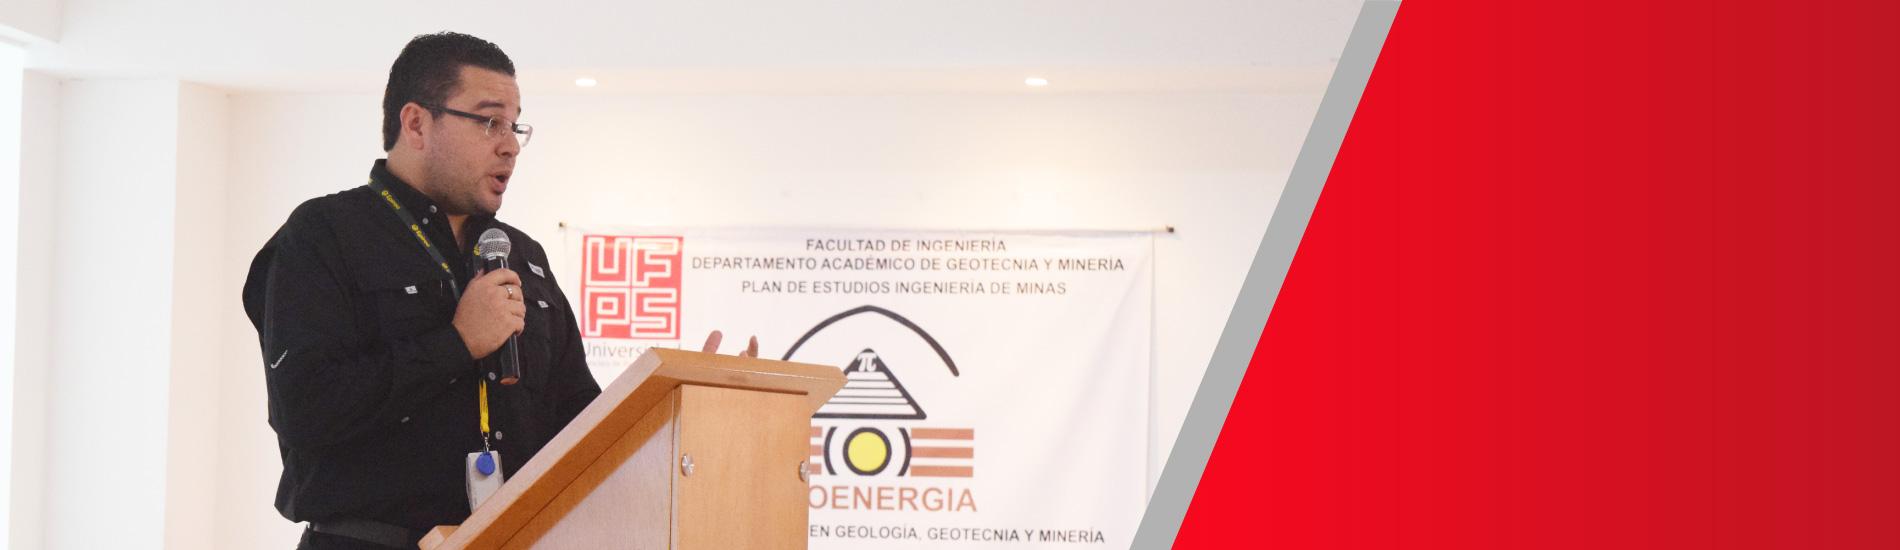 Website Profesor Jos Luis Crdenas Ingeniero Ejecucin En Sonido